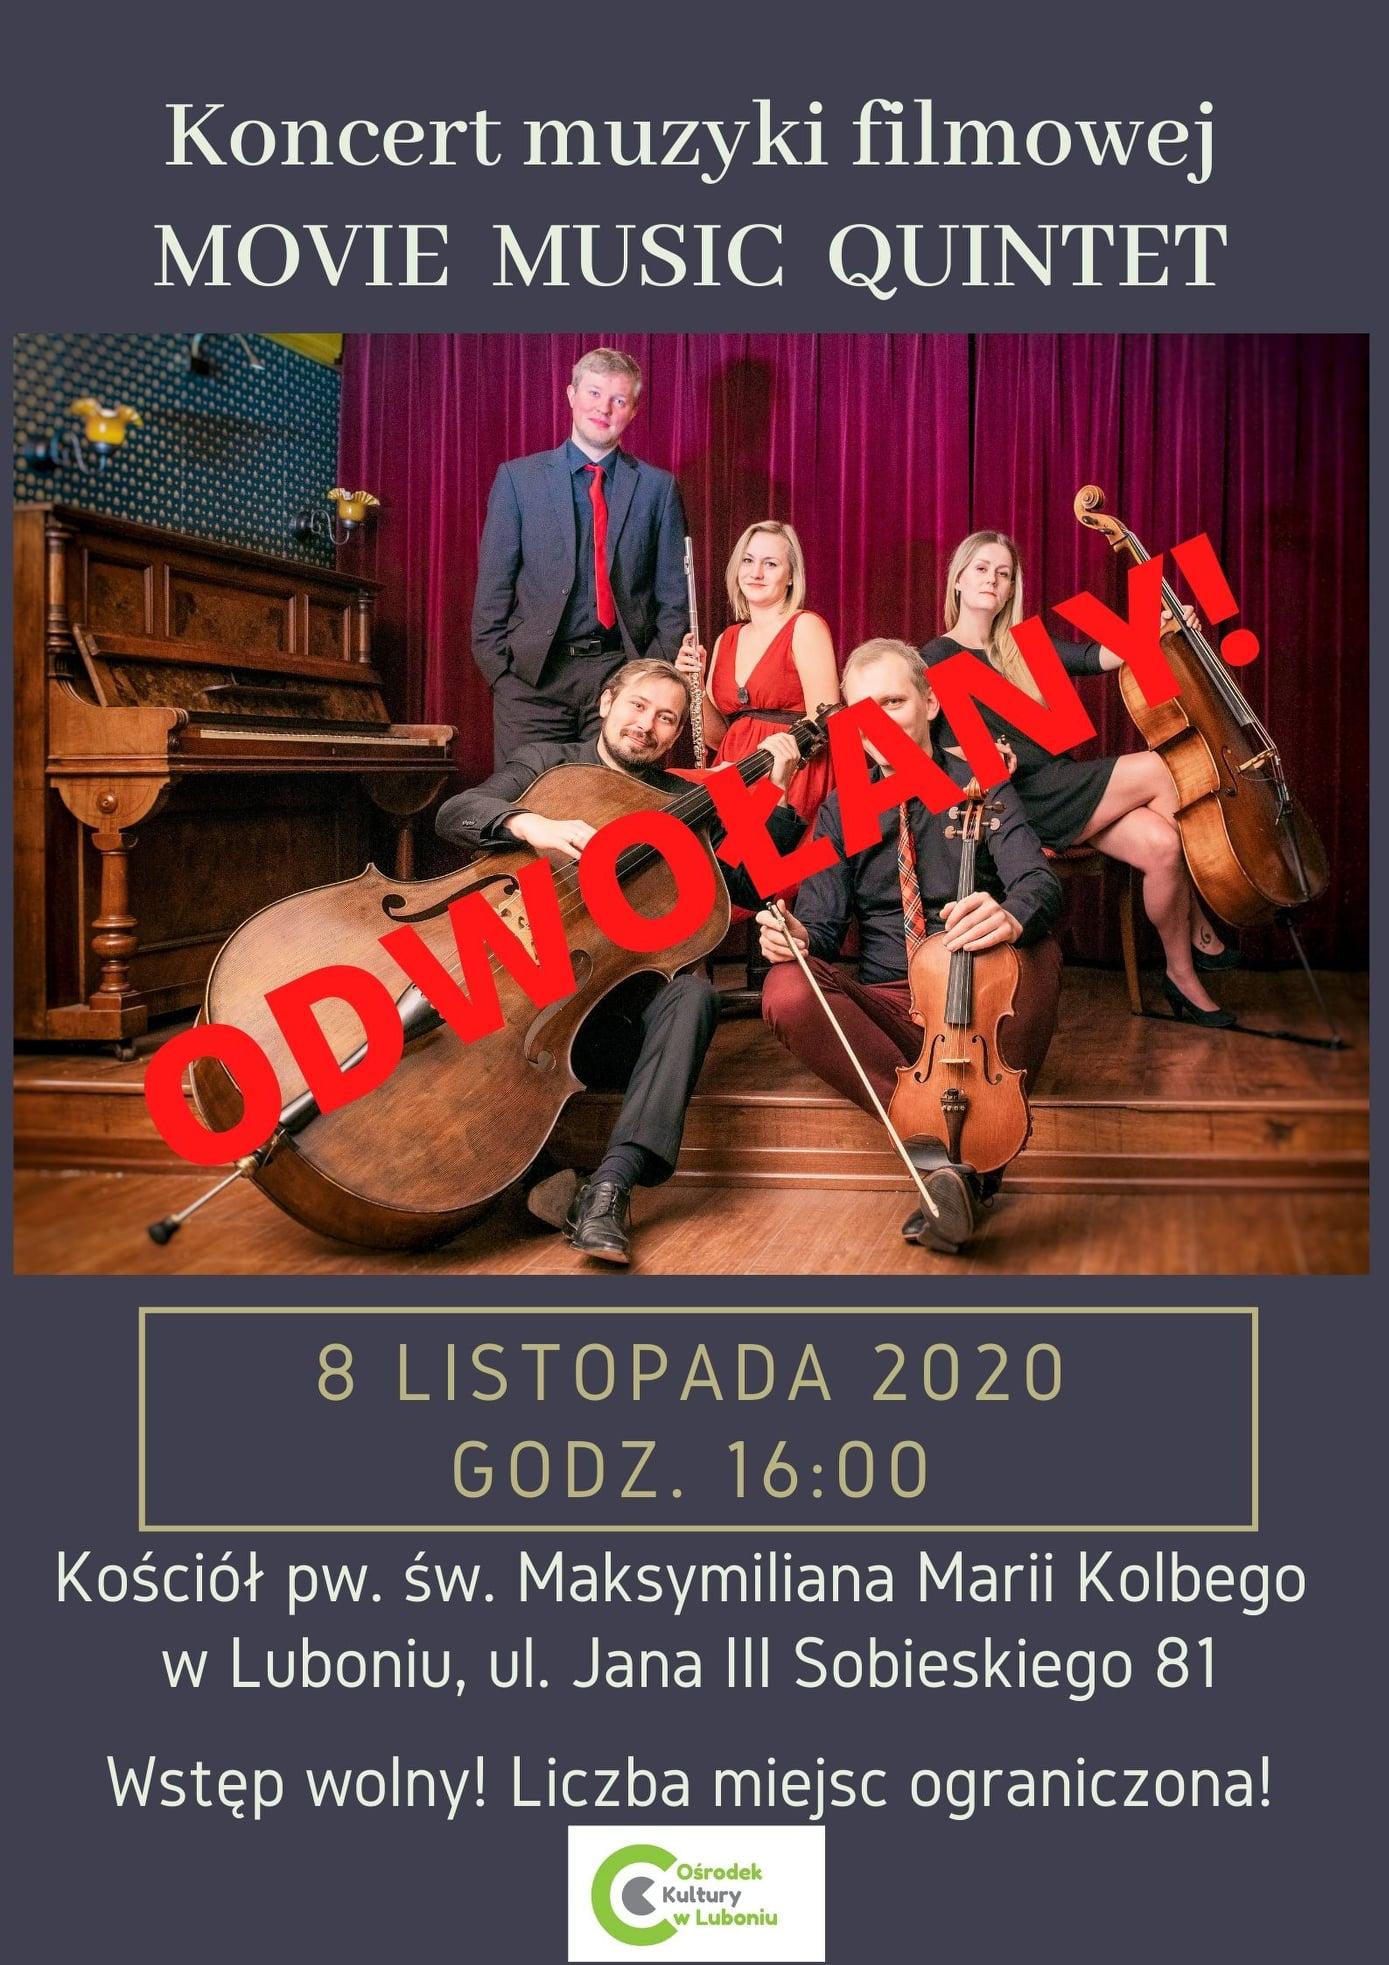 Koncert muzyki filmowej - odwołany!